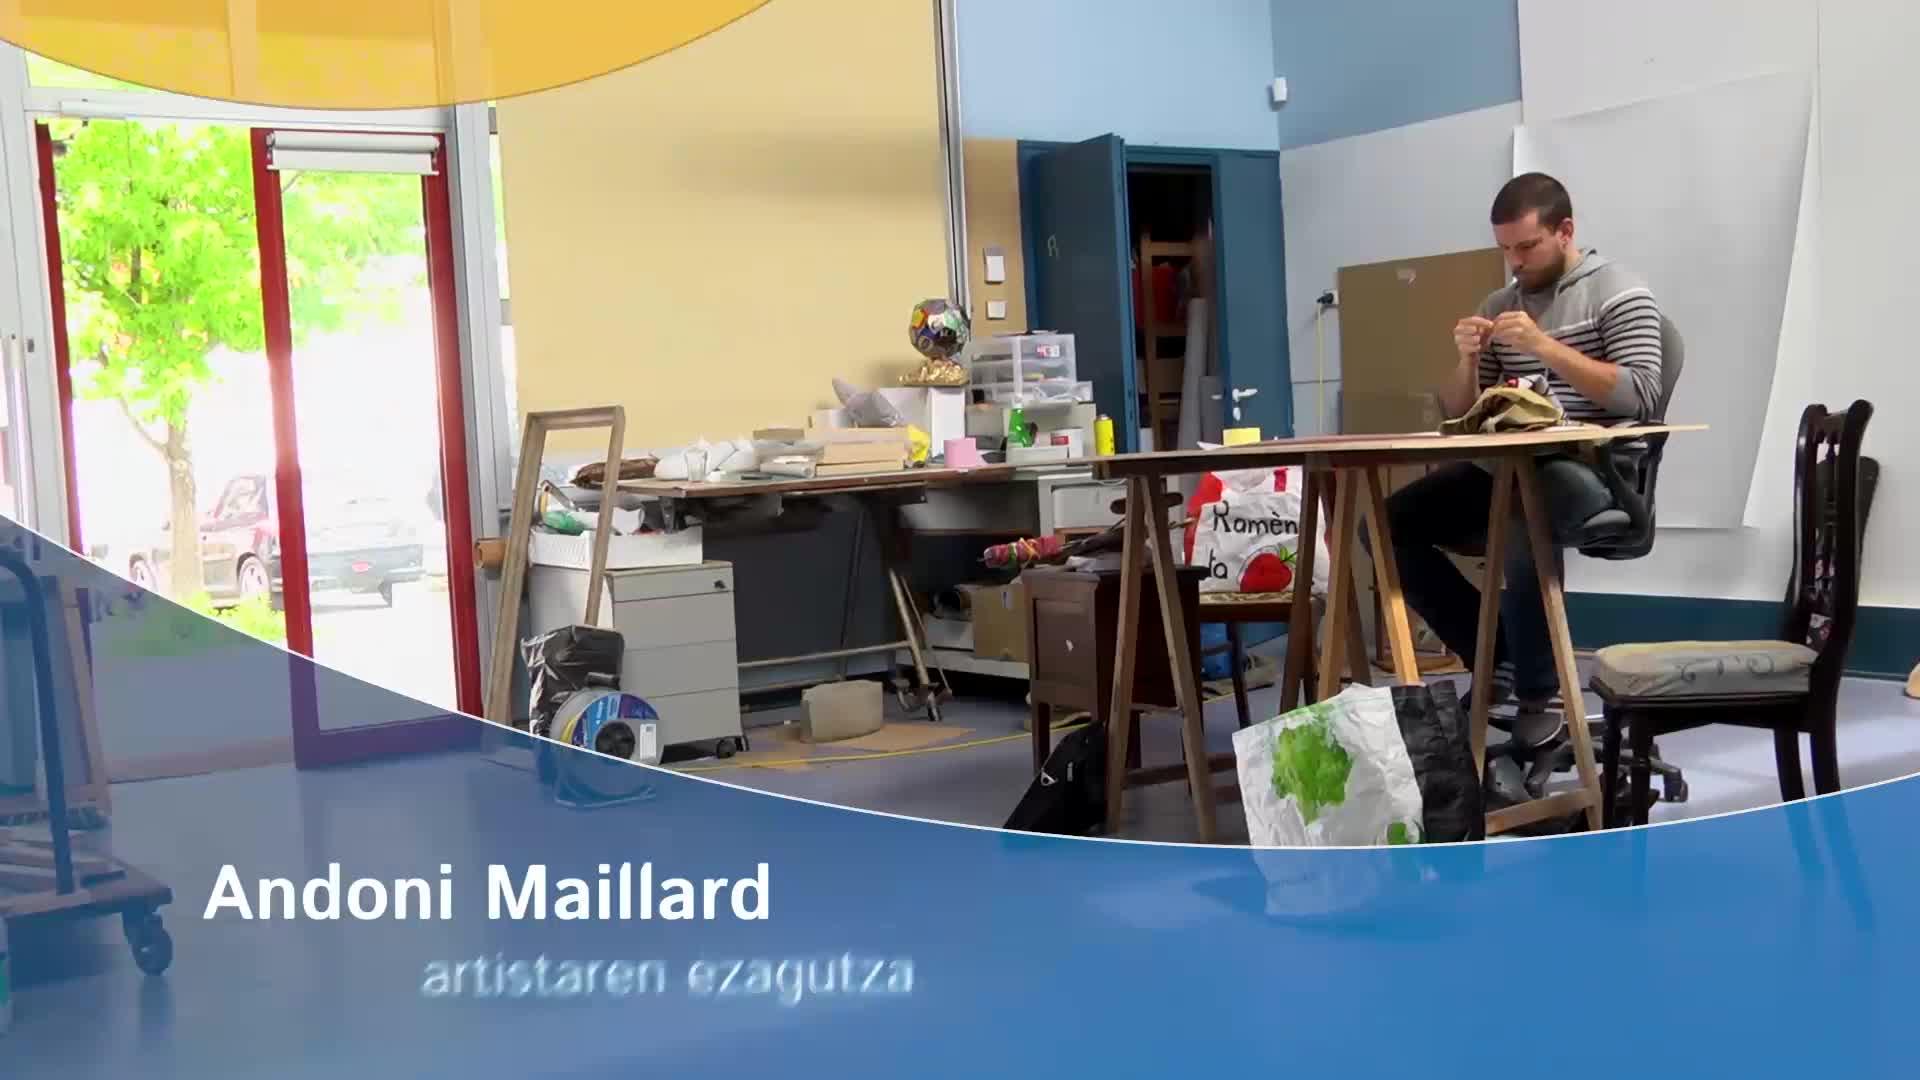 Andoni Maillard artistaren ezagutza